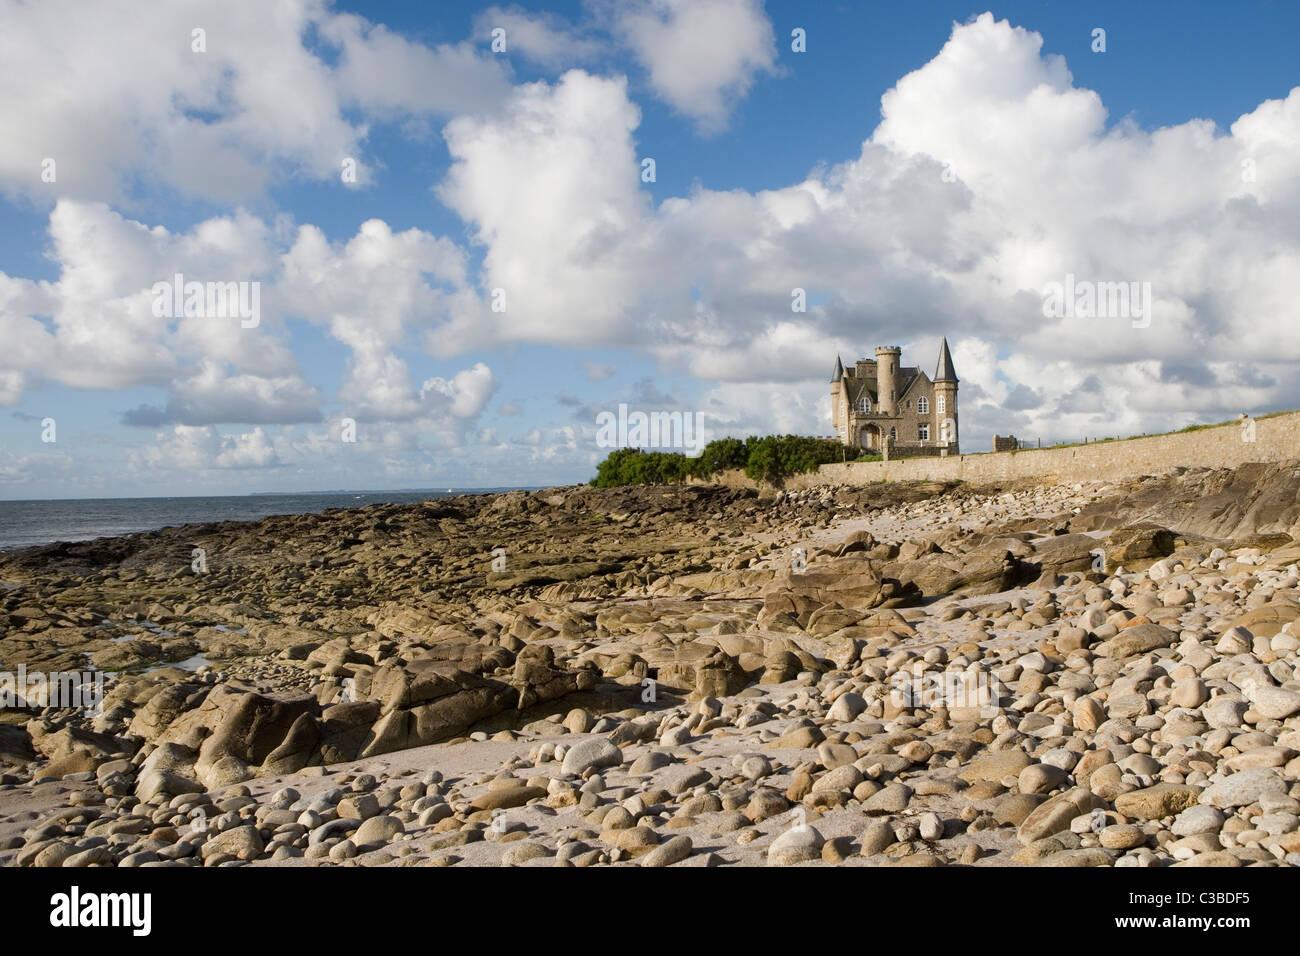 Castillo Turpault en la costa salvaje, Quiberon, Bretaña, Francia Imagen De Stock